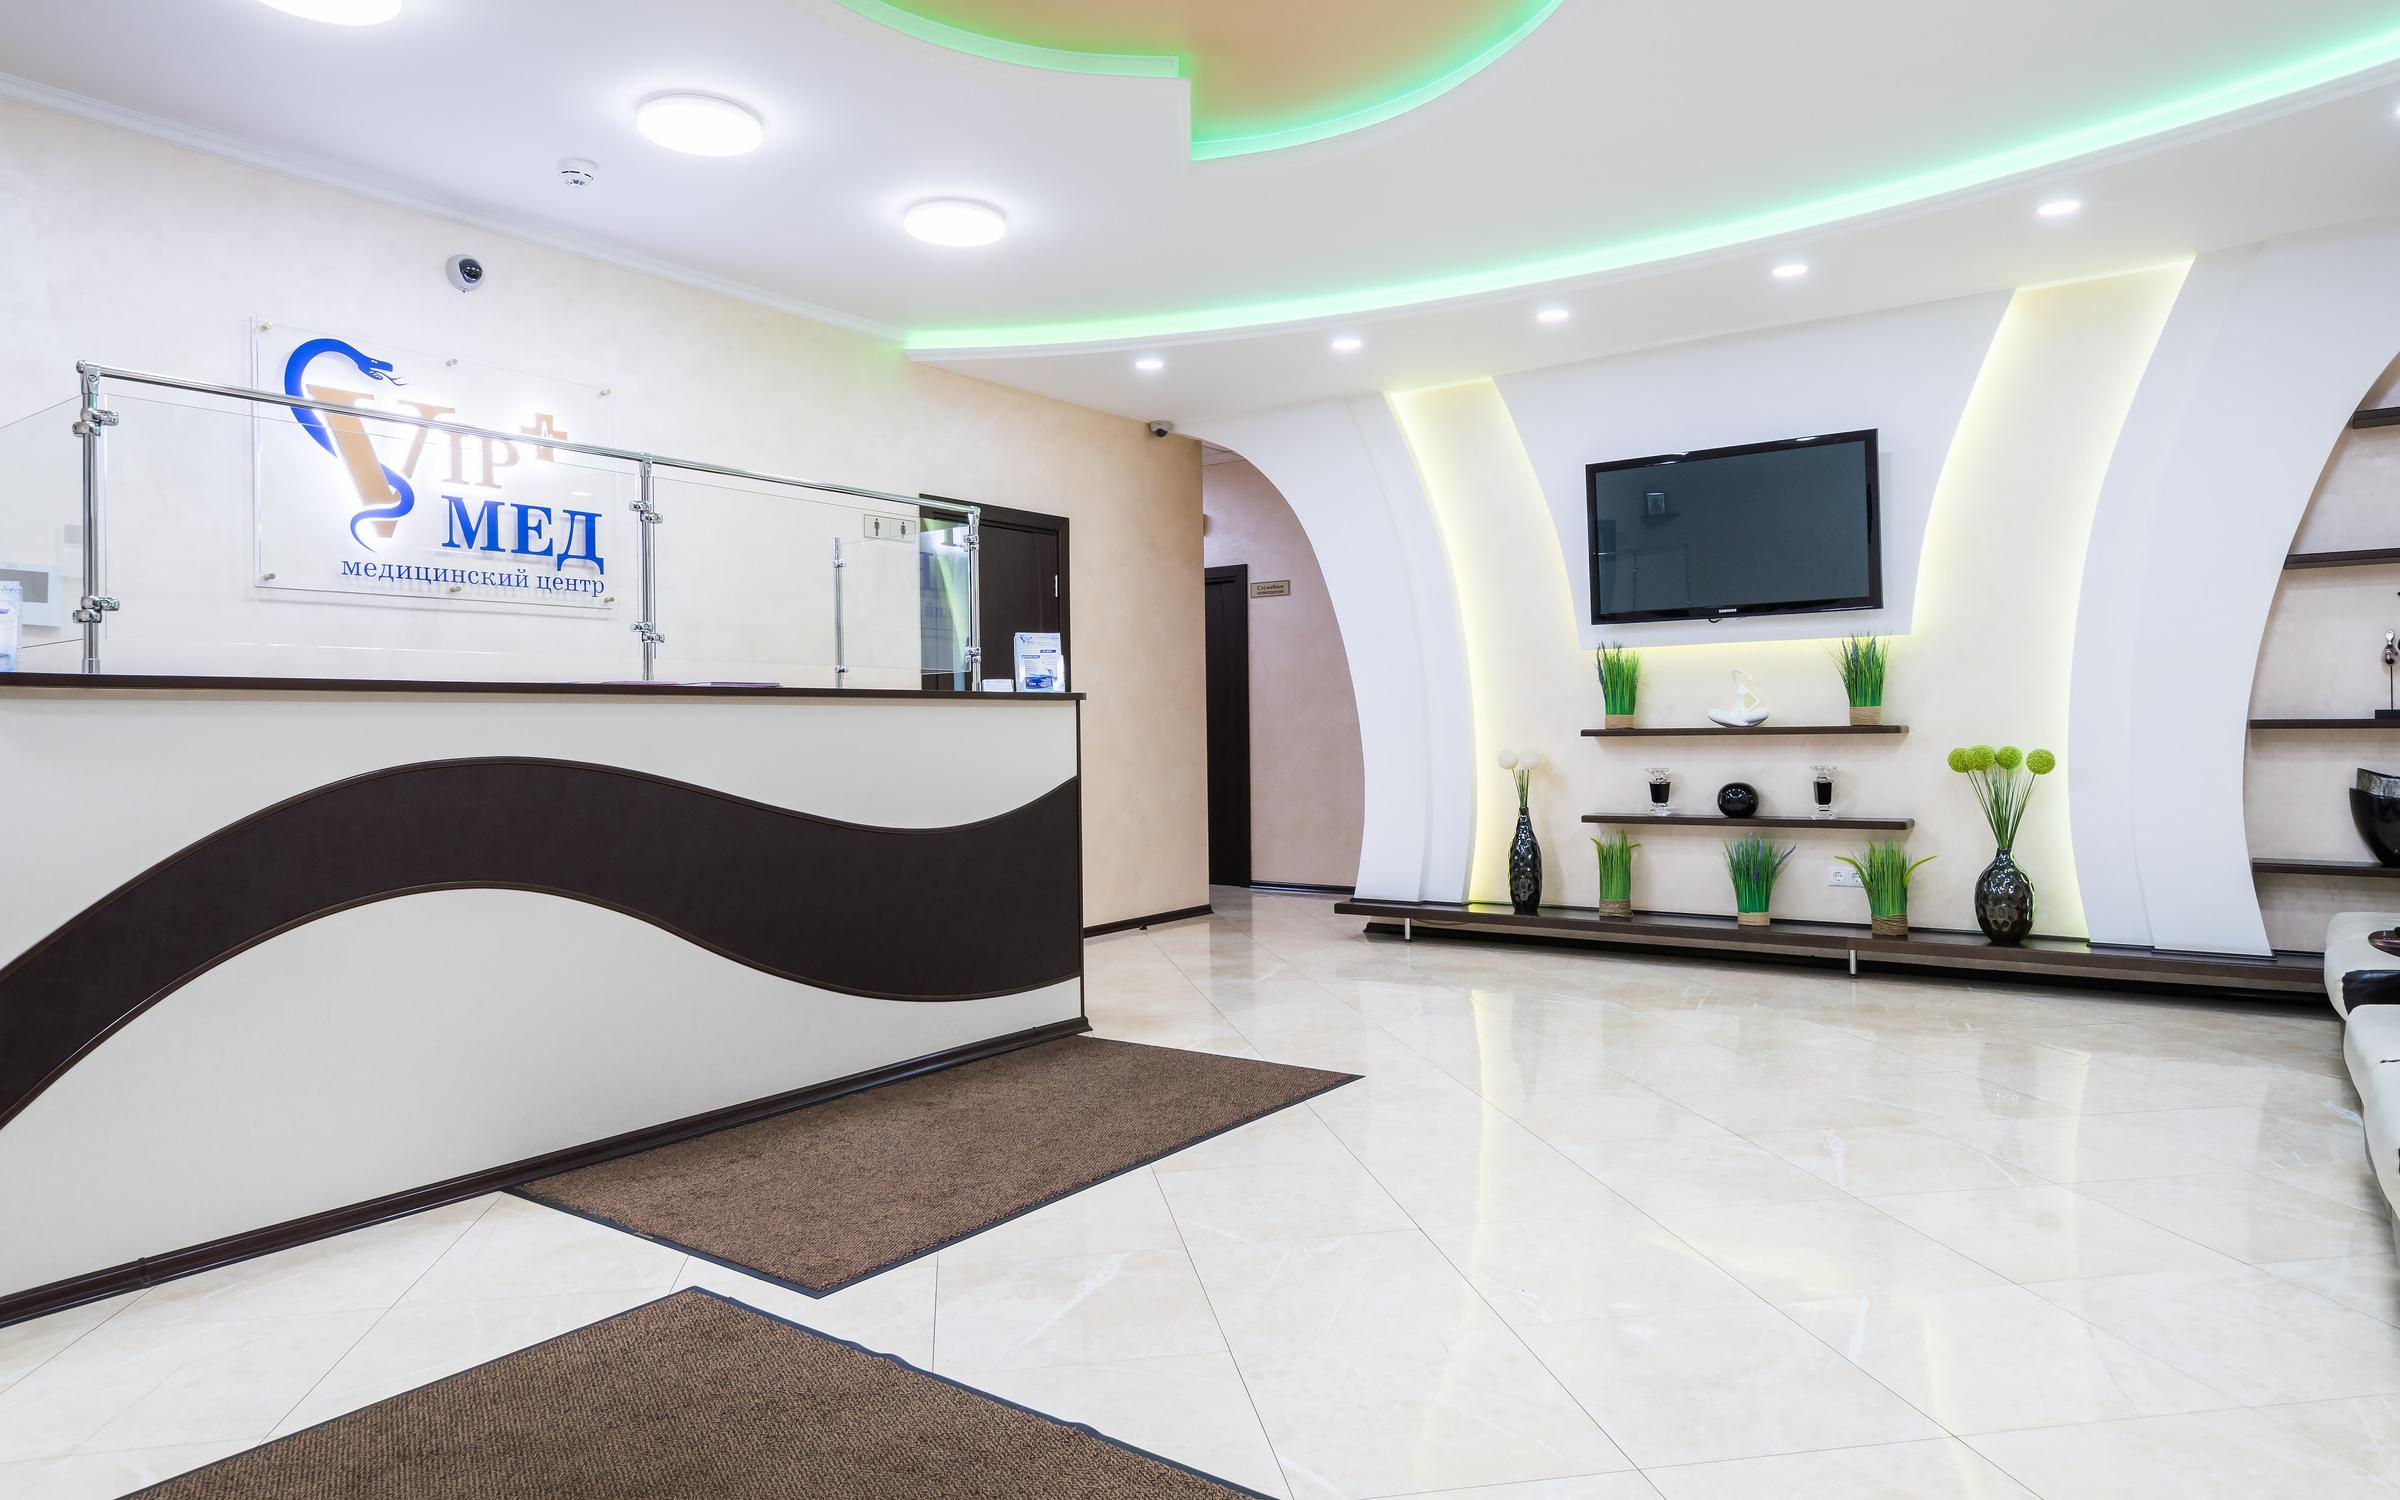 фотография Медицинского центра ВИП-МЕД в г. Пушкино